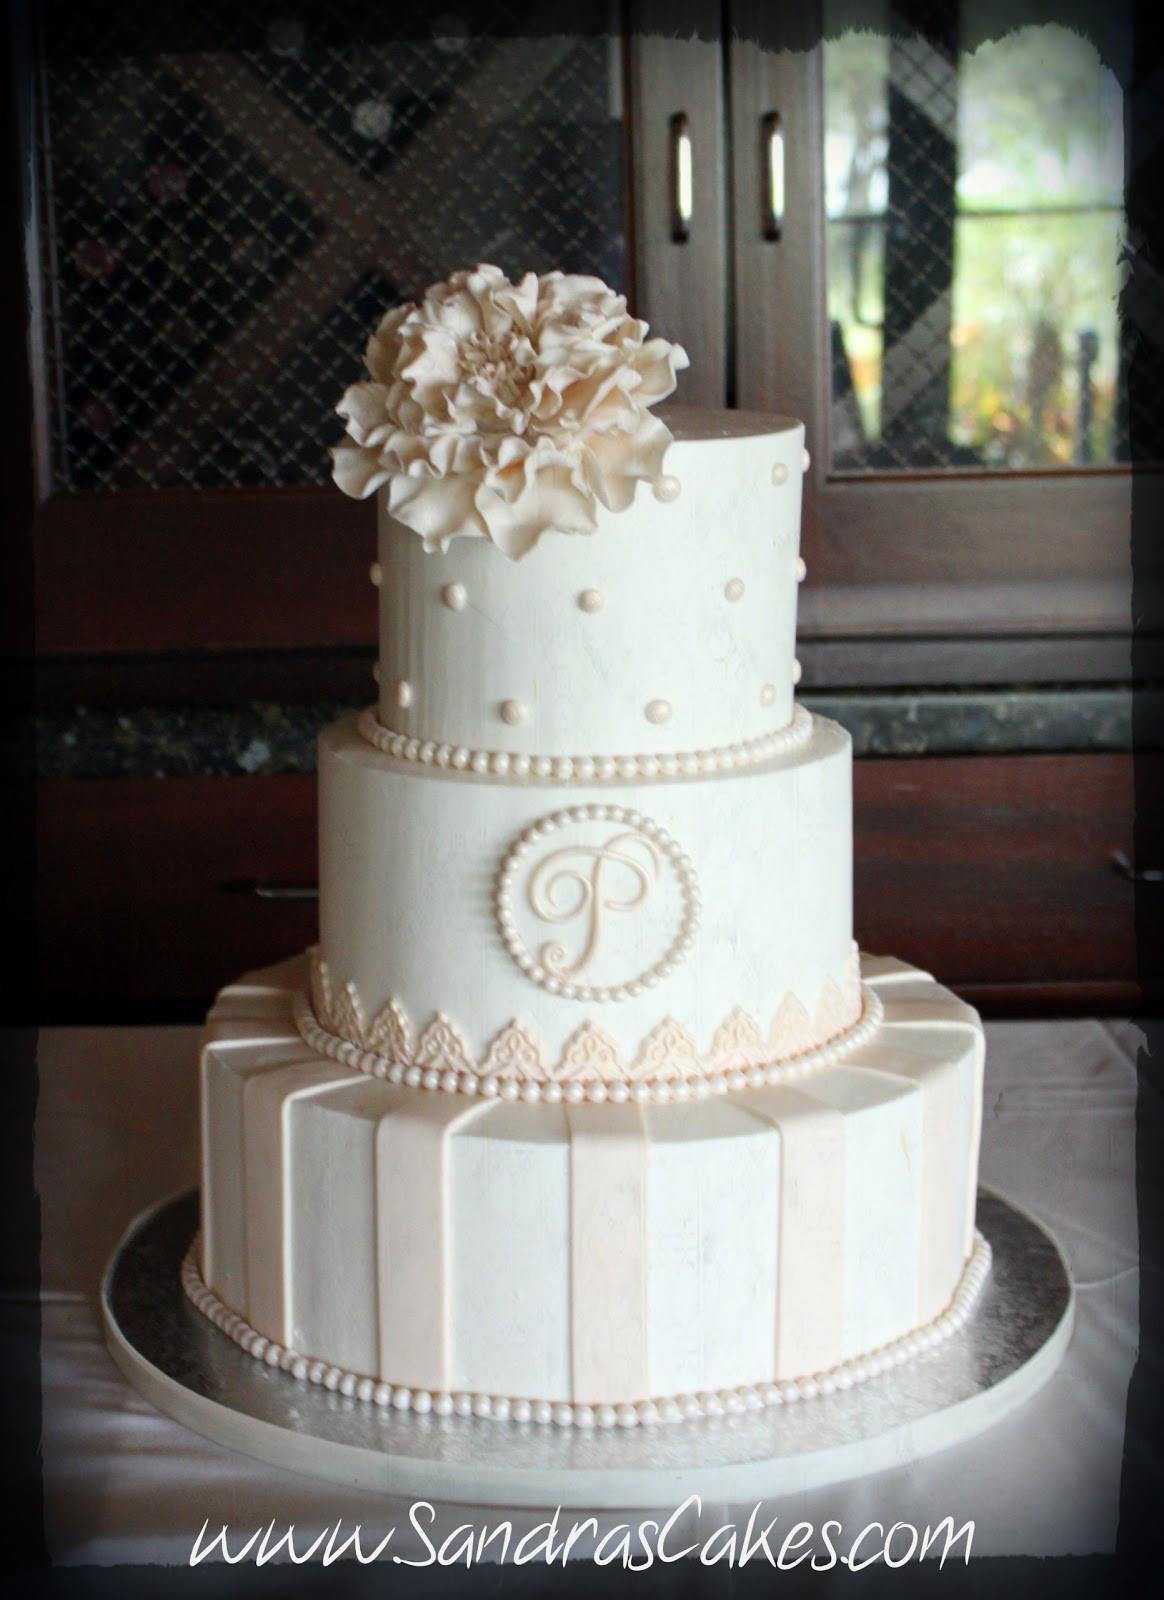 Wedding Cakes Elegant  Nikki and Hilary s Wedding Cake